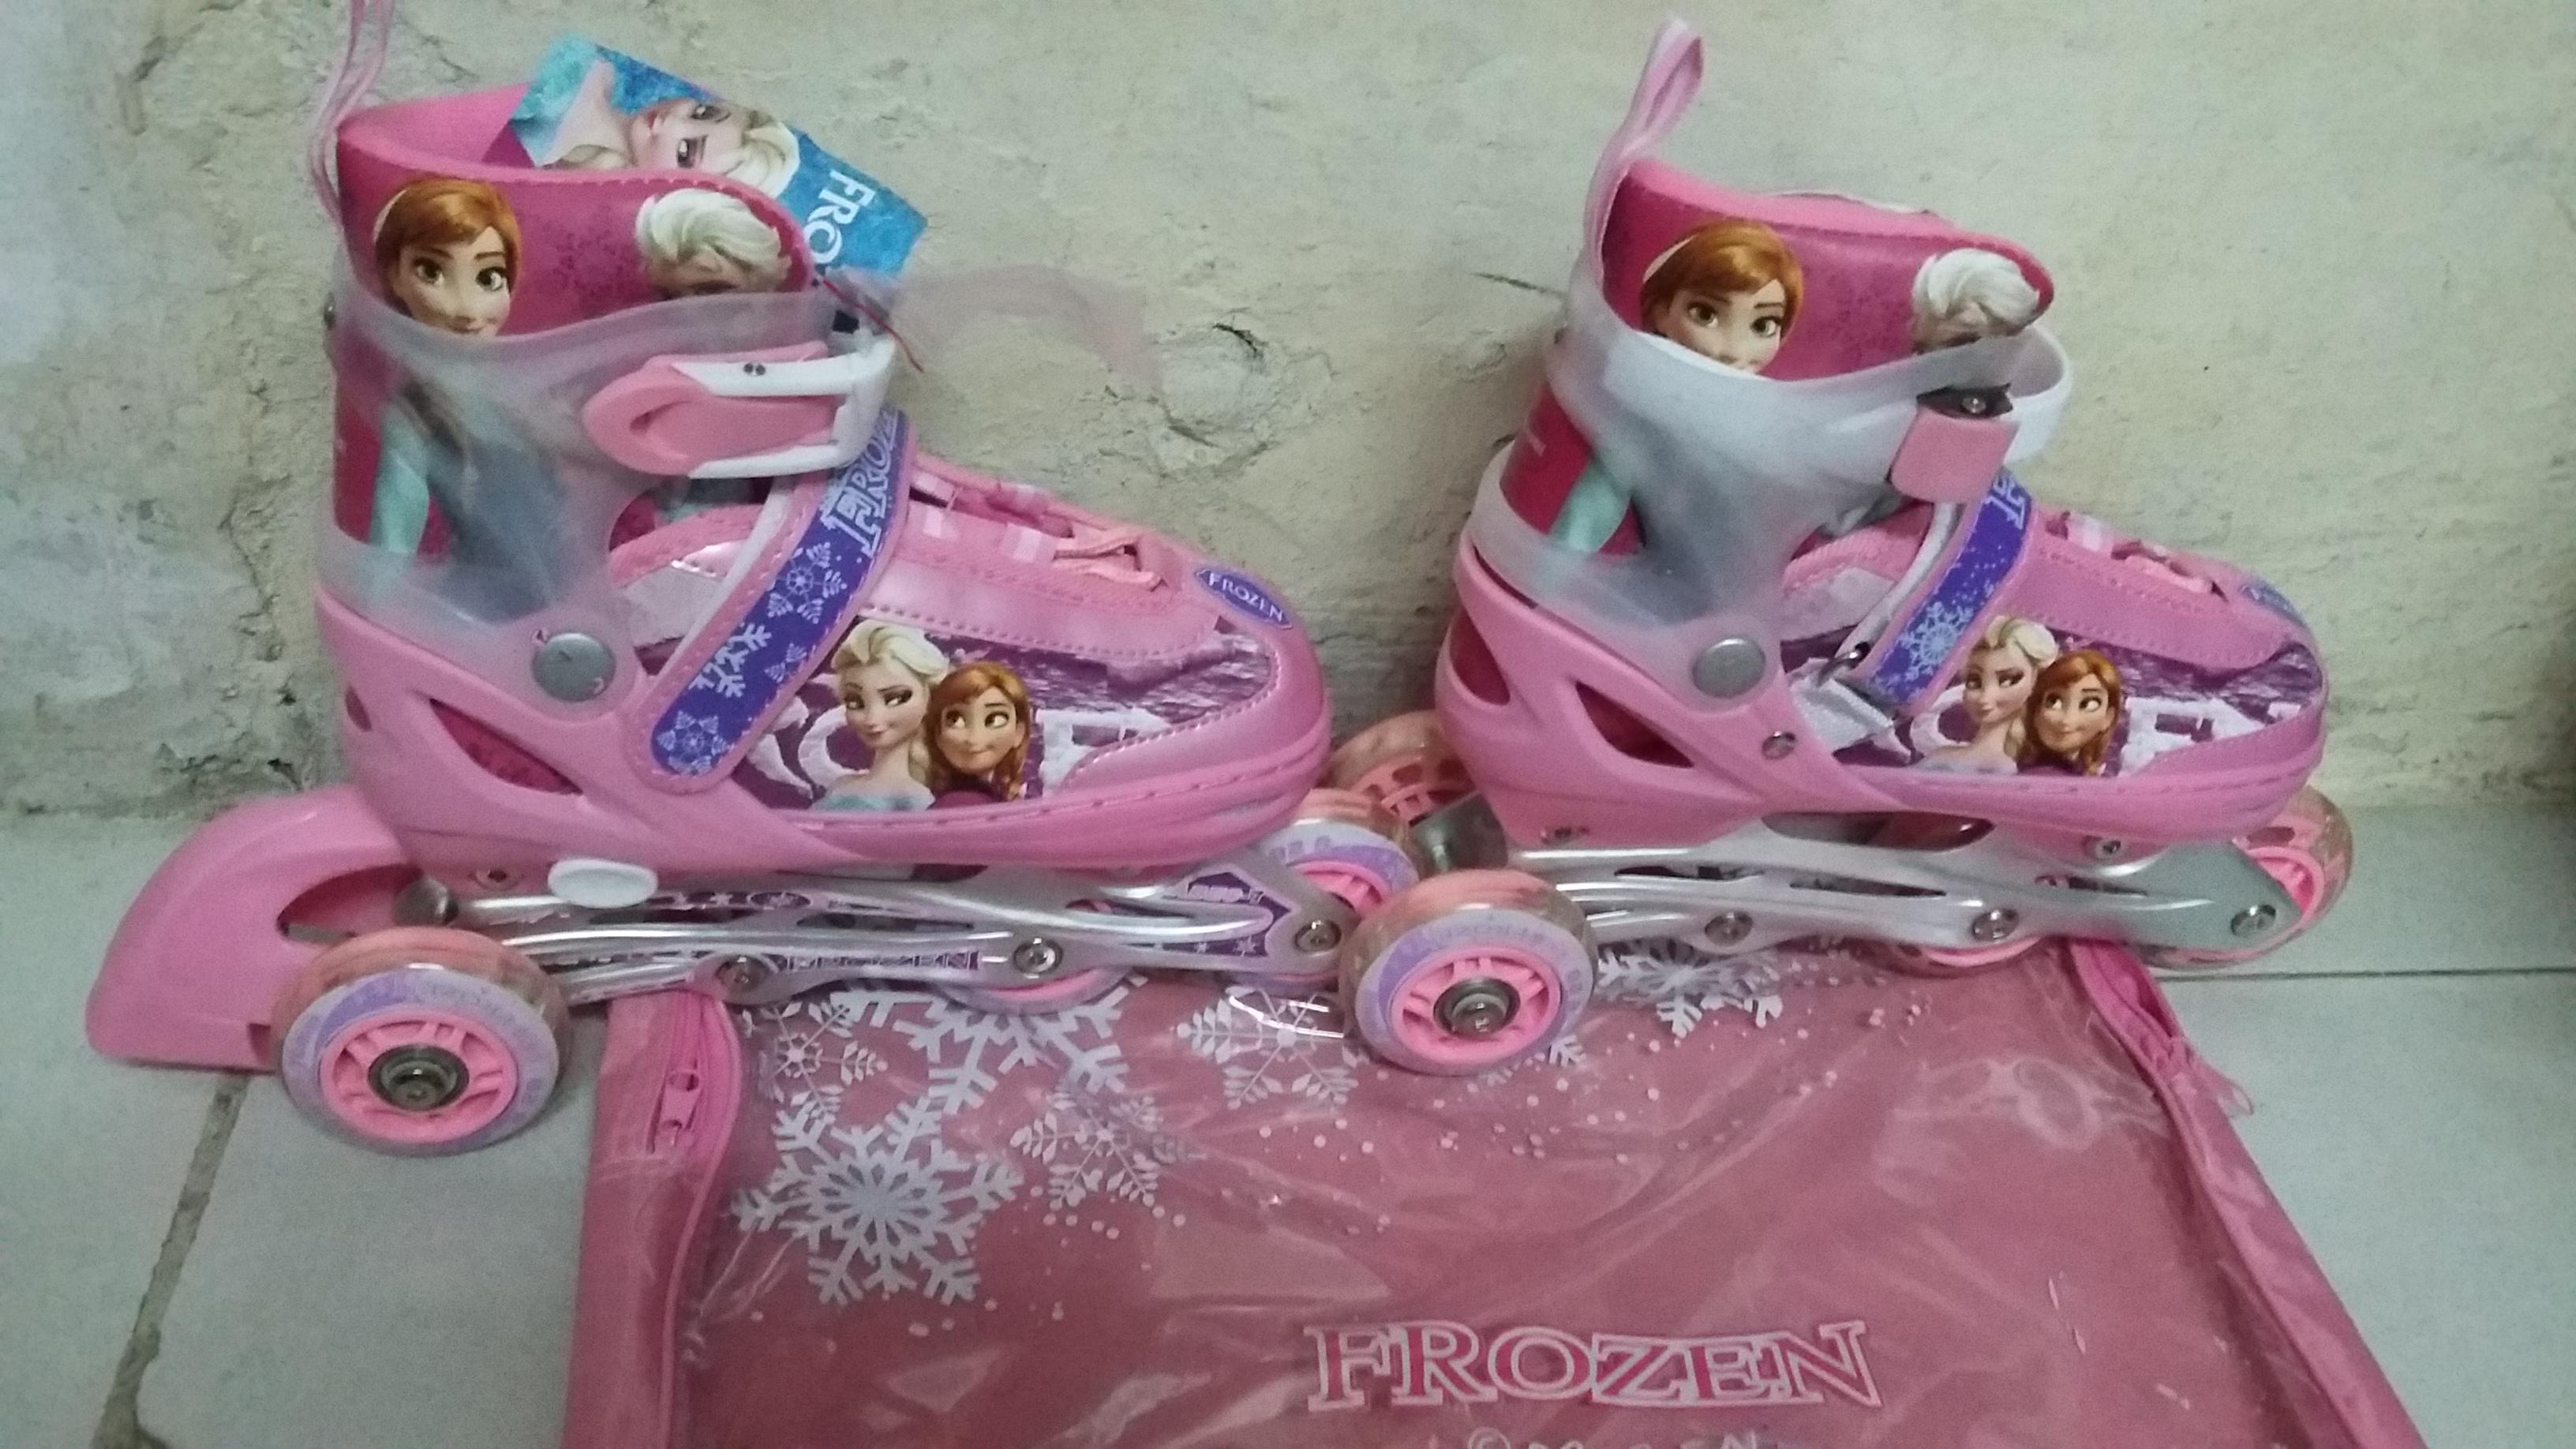 Grosir Sepatu Roda Just Another Wordpresscom Site Anak Warna Pink Merk Disney Bisa Di Set Model Bajaj Lurus Gambar Frozen S 30